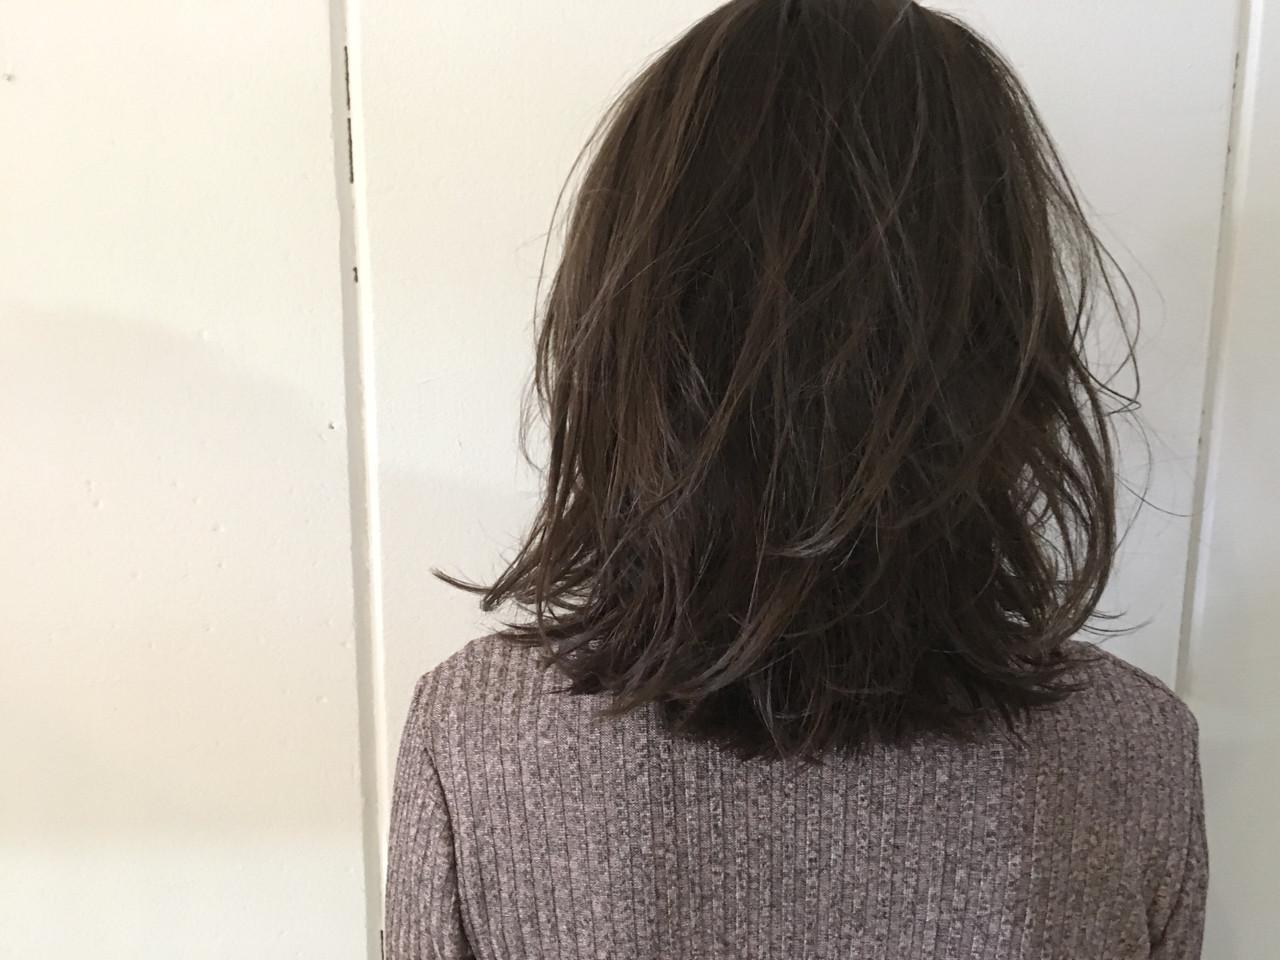 ナチュラル ミディアム アッシュ 外国人風 ヘアスタイルや髪型の写真・画像 | 杉谷 将也 / DiLL / DiLL